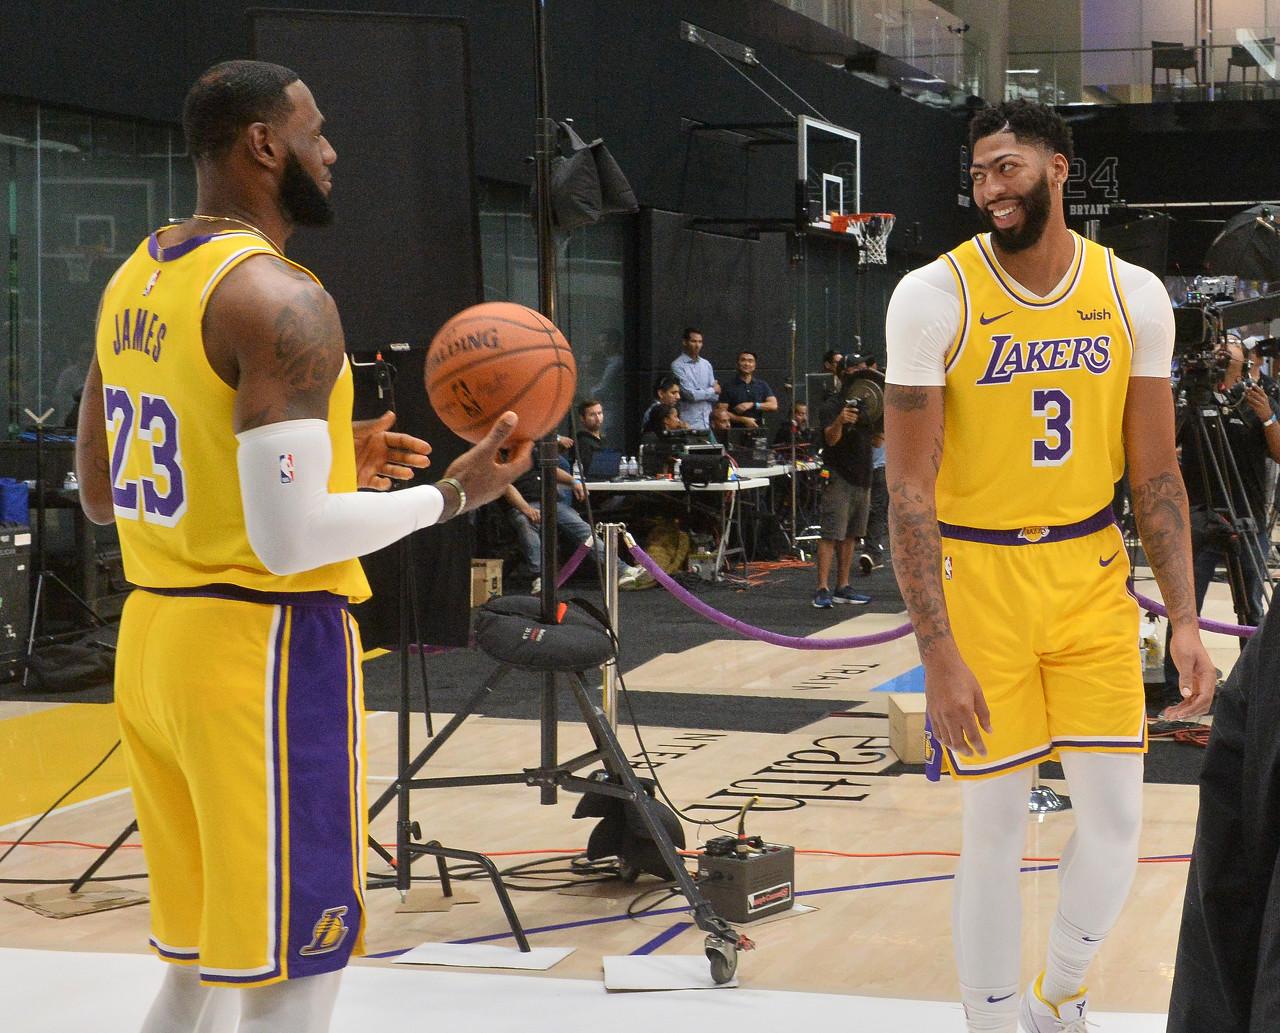 【揭秘】NBA球队的群聊:调侃